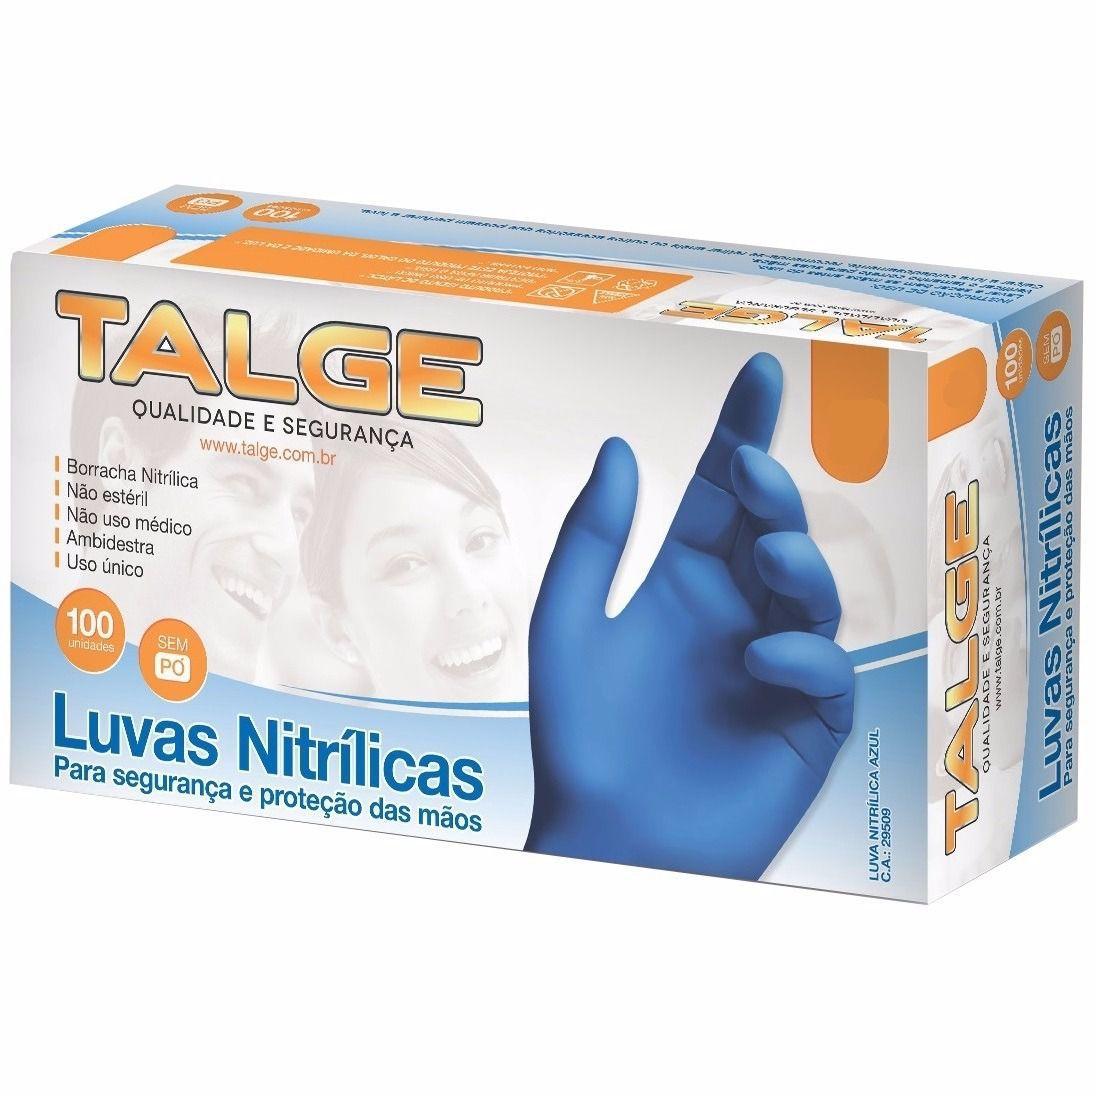 Luva Nitrilica Talge Sem Pó Cor Azul Caixa 100 ud CA 29509